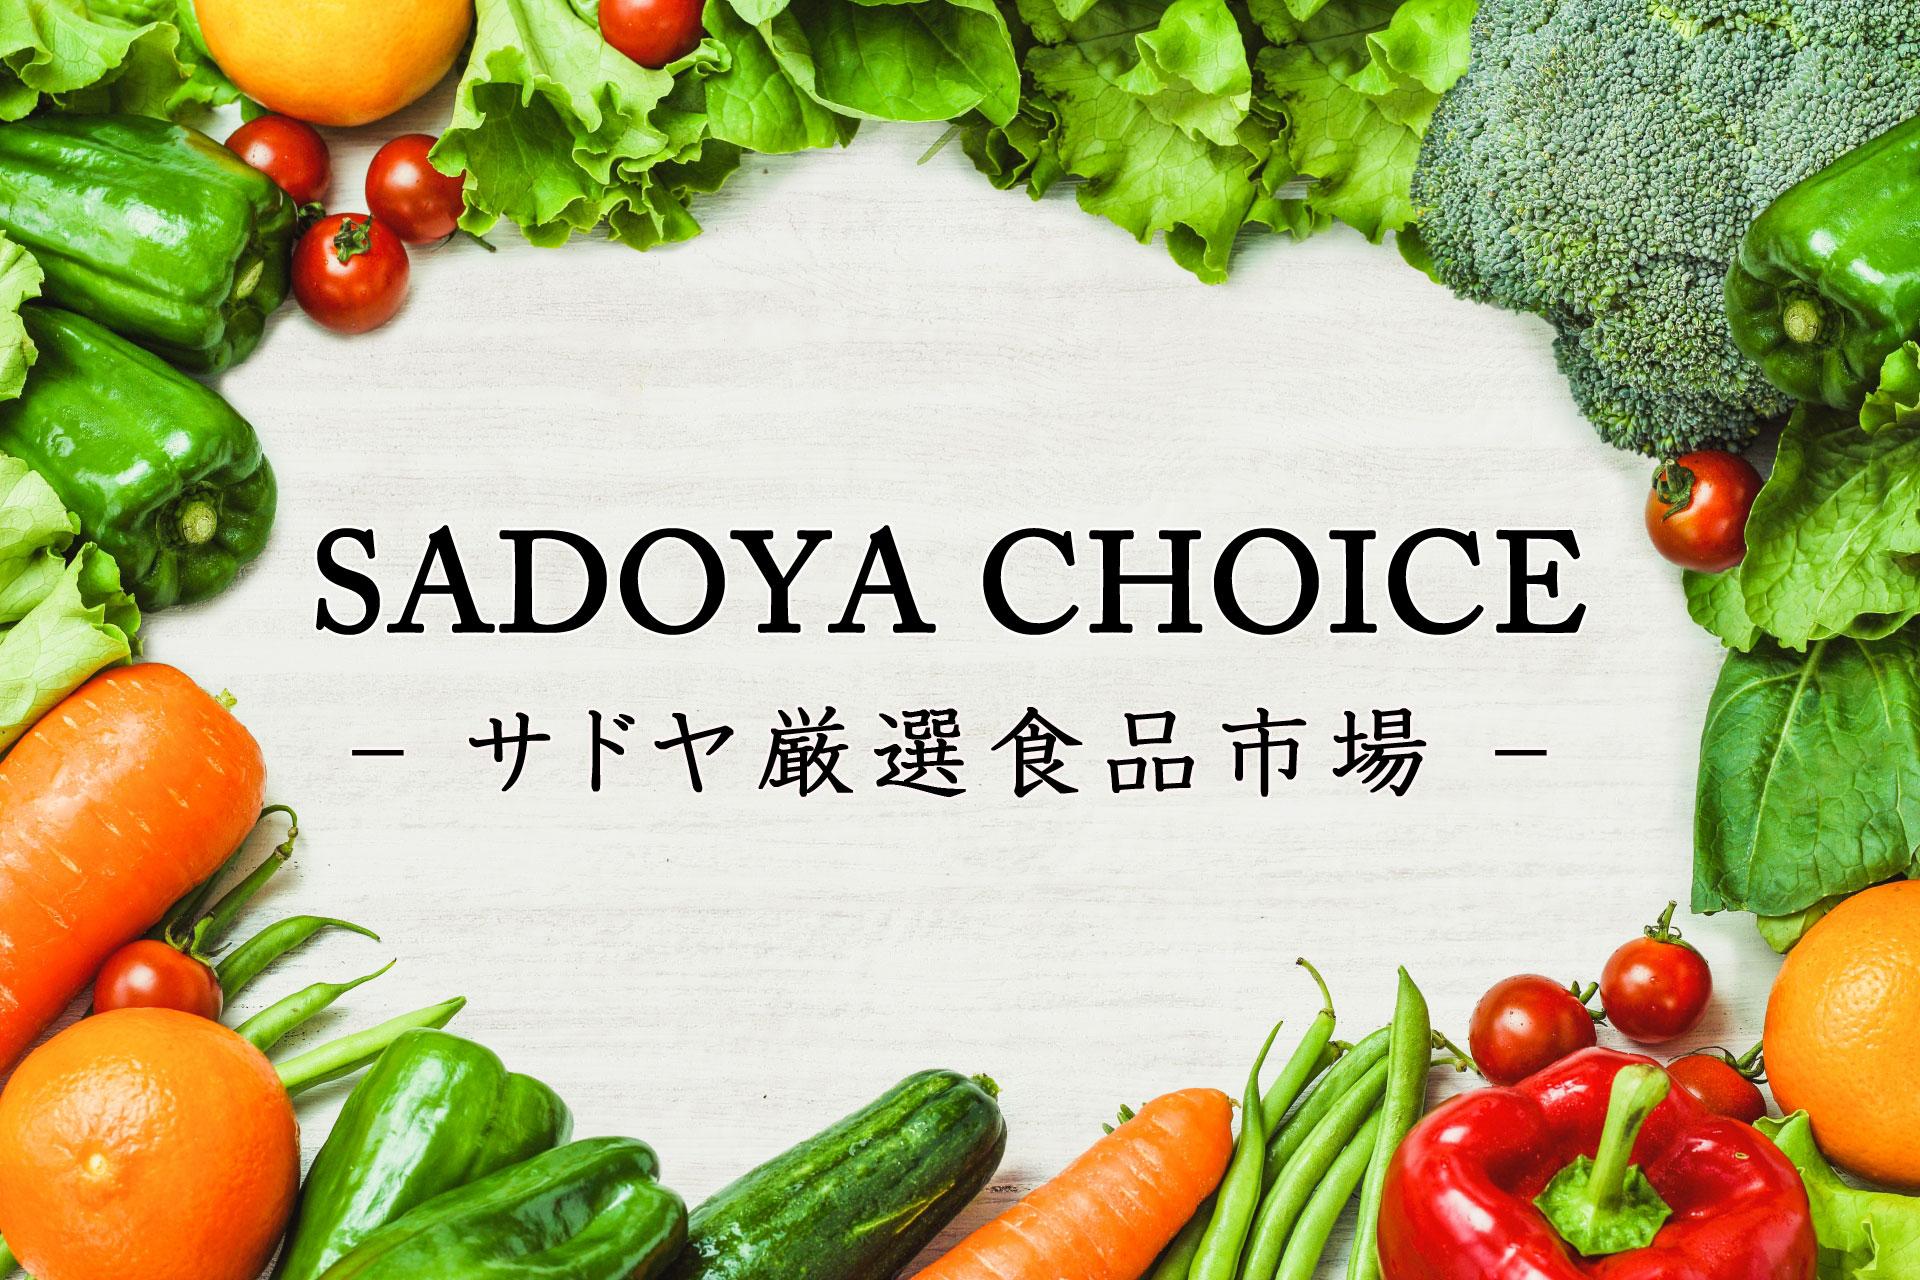 Anthony'サドヤ食品市場